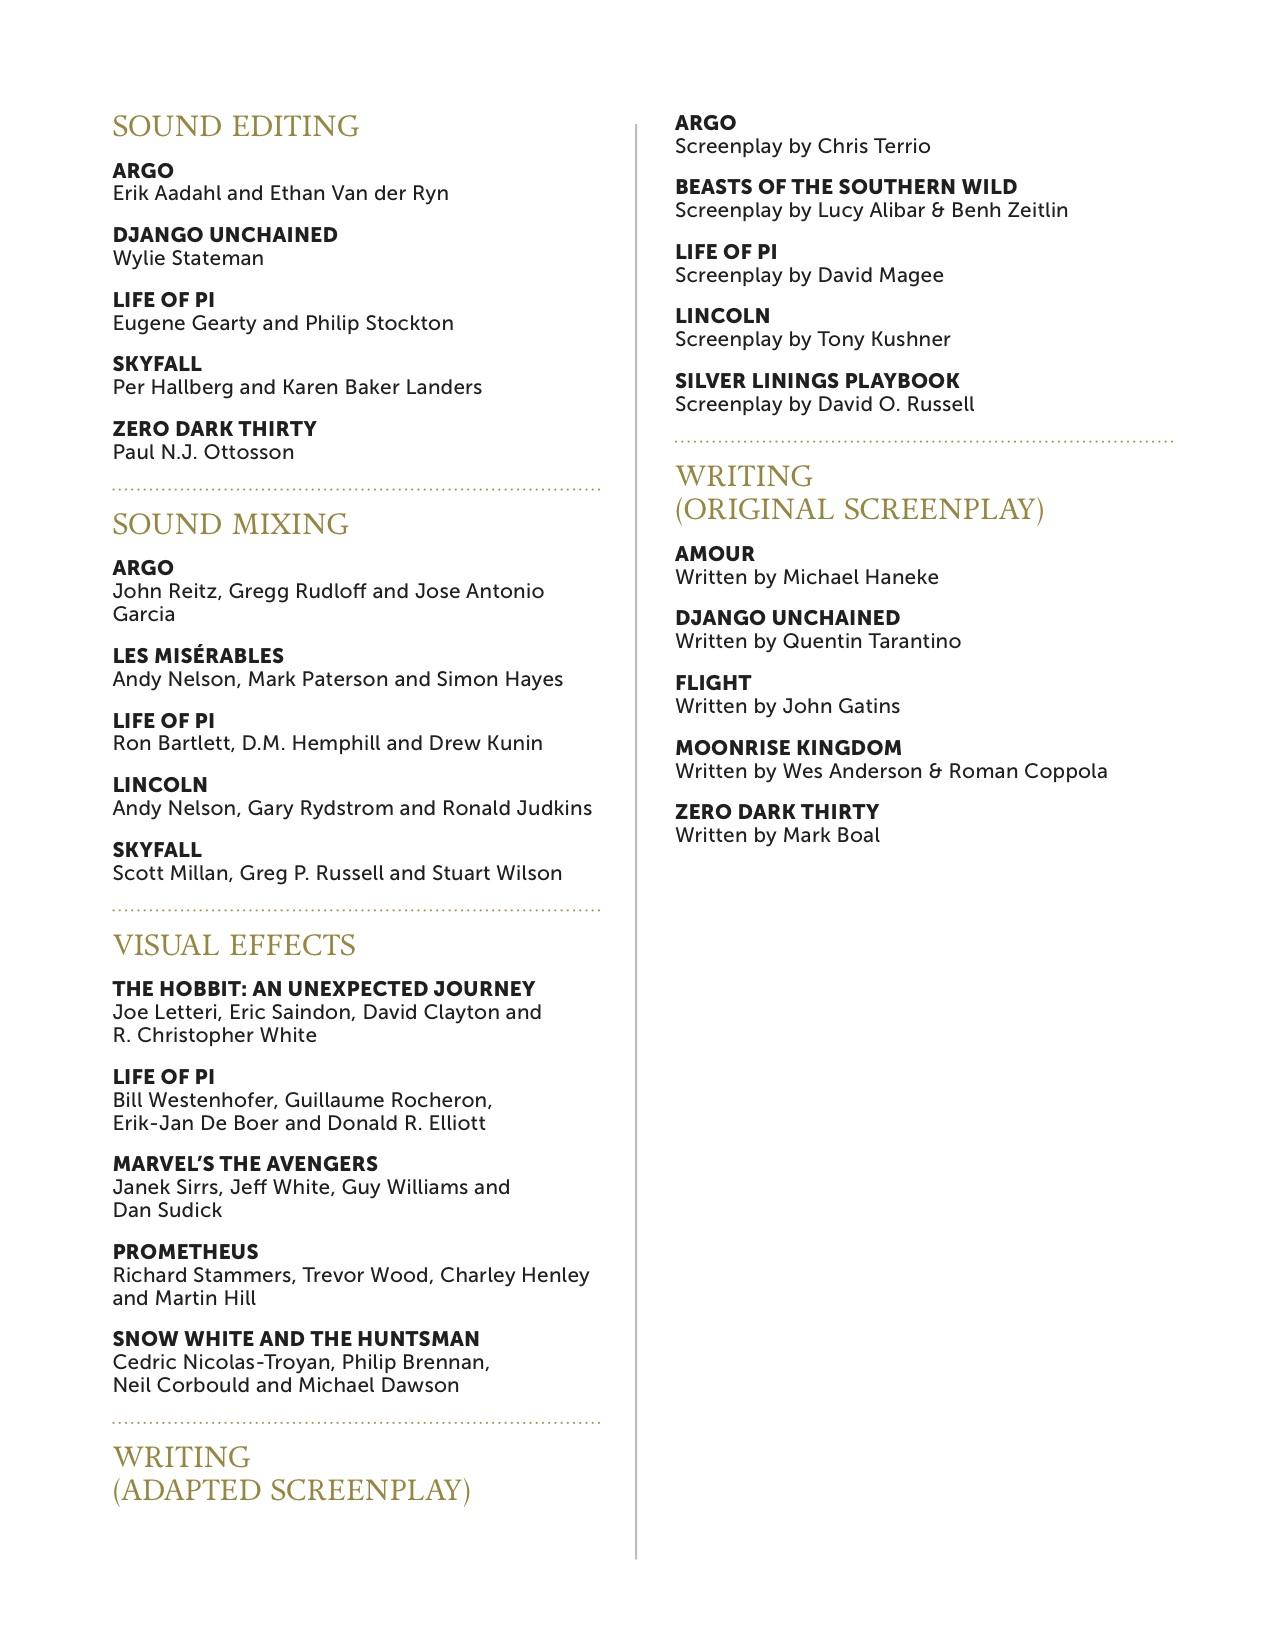 nominees copy 4